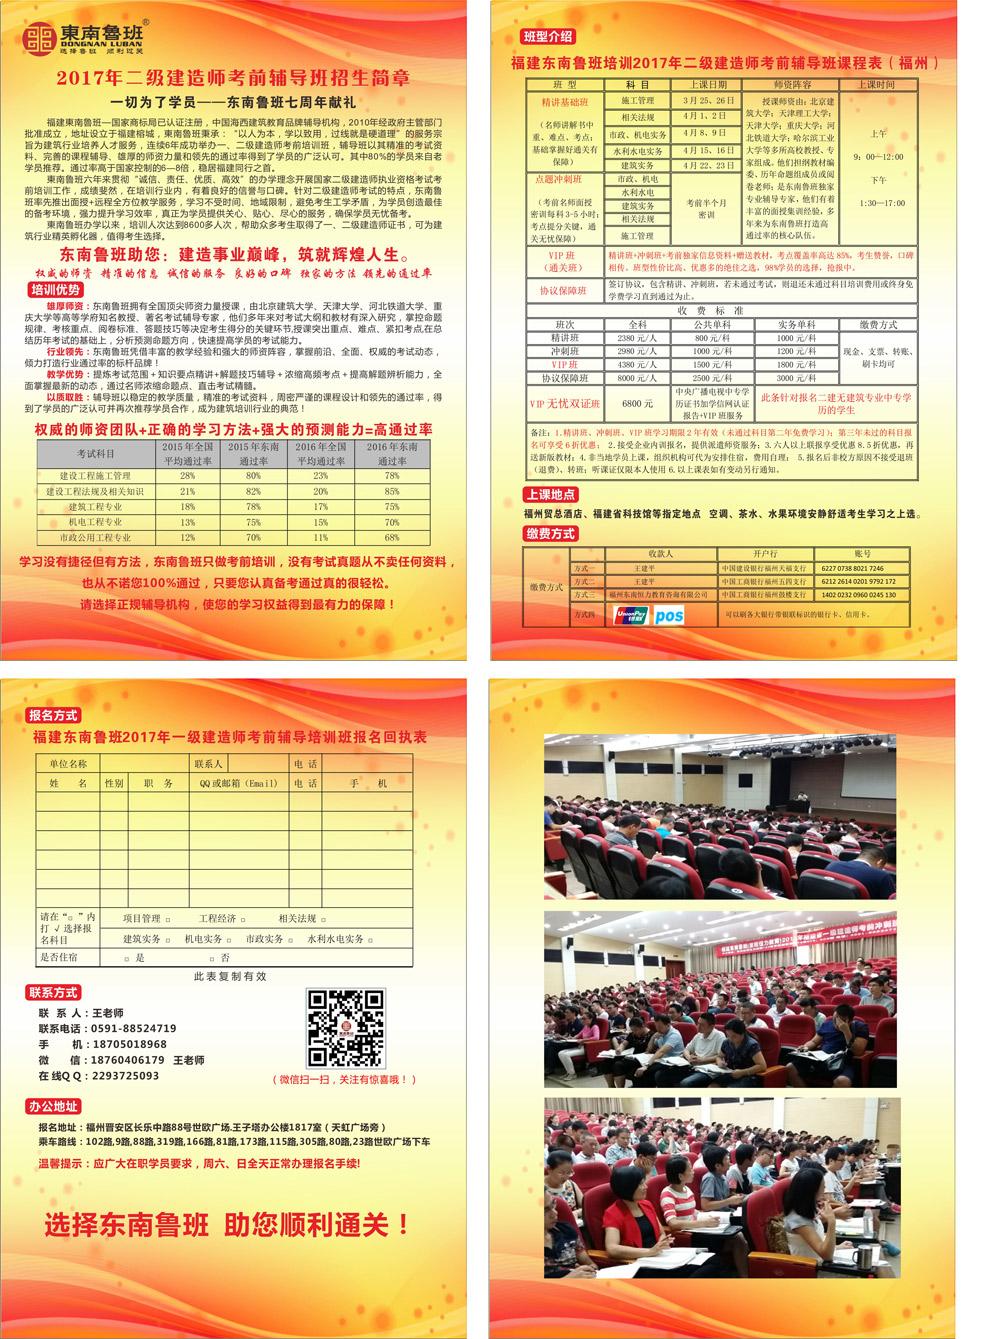 東南魯班2017年二級建造師培訓招生簡章.jpg